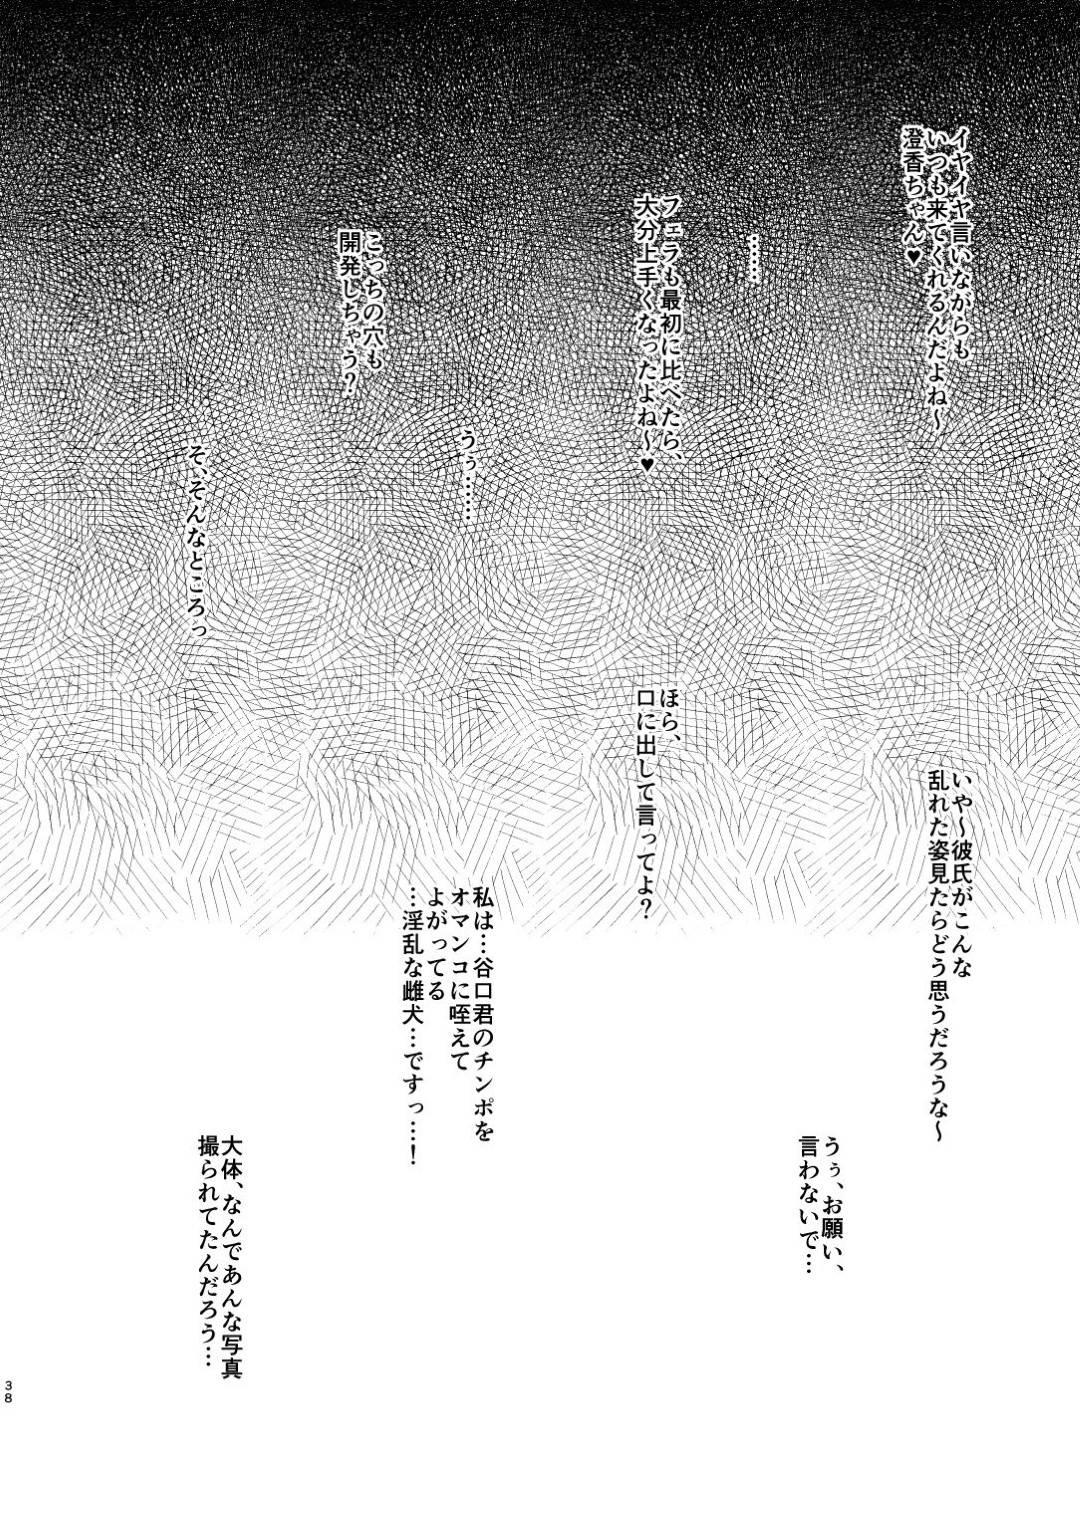 【JK彼女寝取られレイプエロ漫画】先輩の卒業式当日に告白した香澄は、先輩とデート後にホテルでイチャラブセックスで処女を捧げた。だが、DQN男にホテルに入っていく様子を写真に撮られ口止め料として中出しレイプされる【武田あらのぶ】